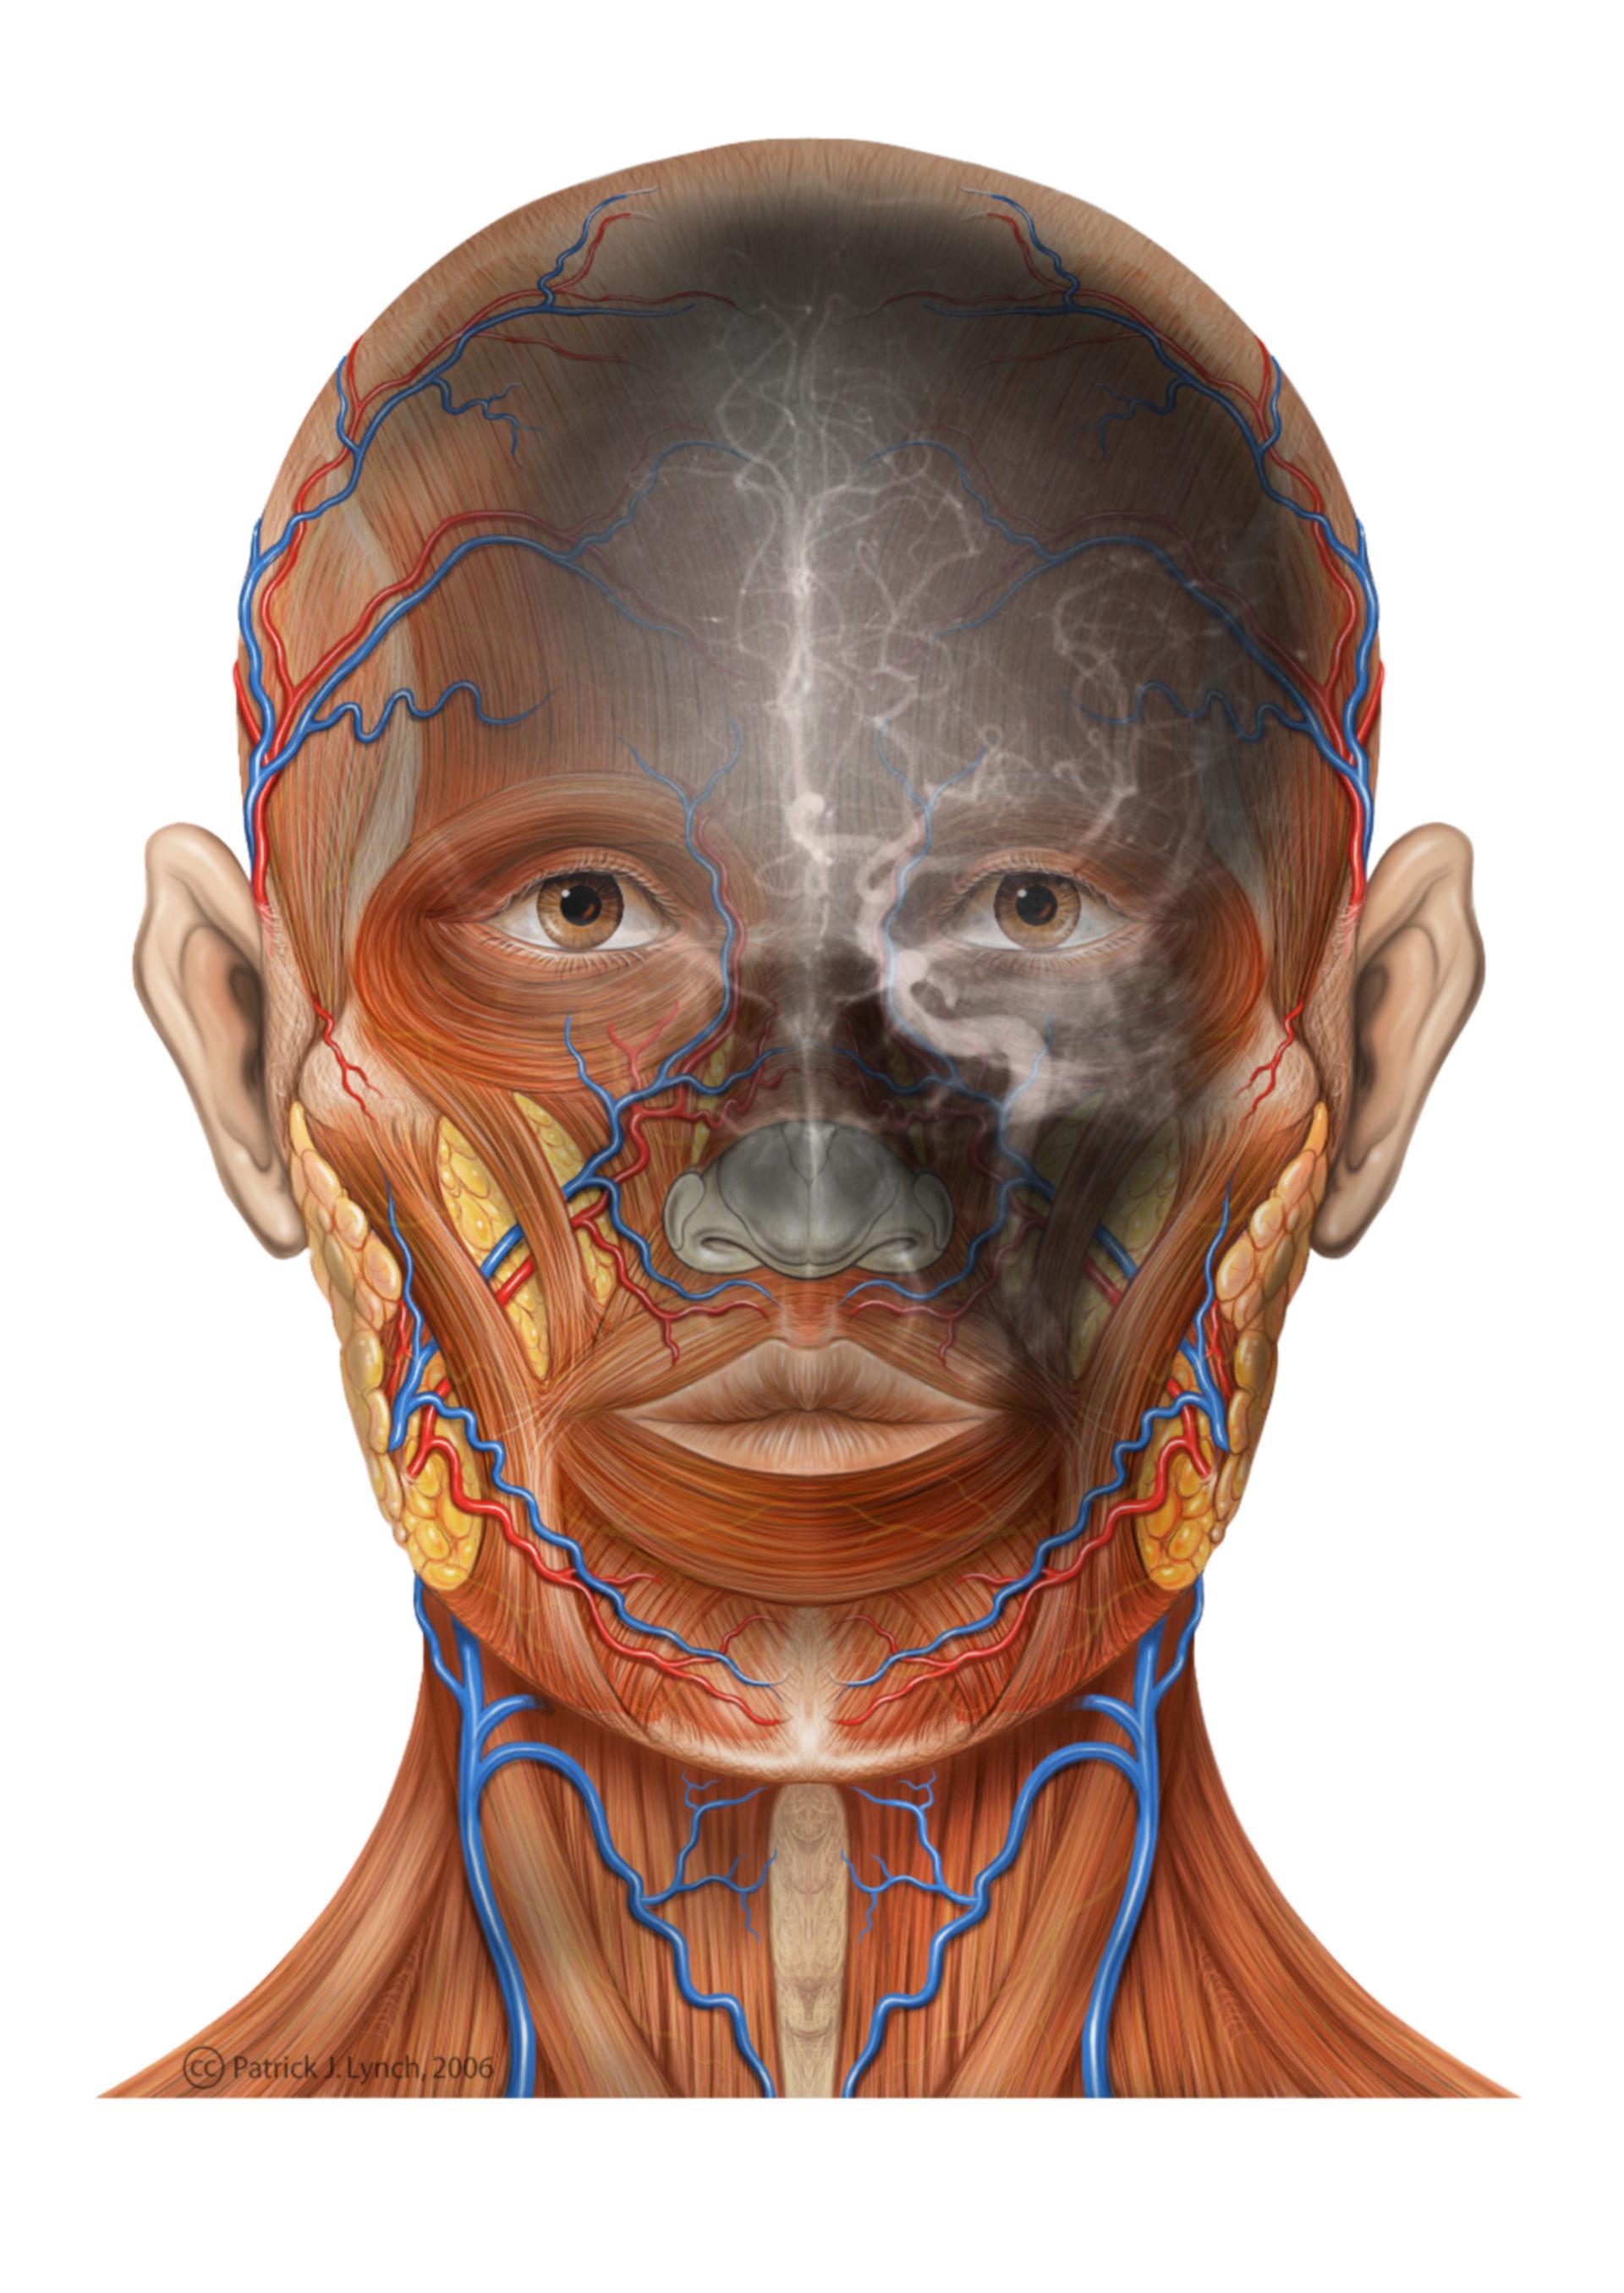 Testa di vista anteriore con l'angiografia carotidea interna